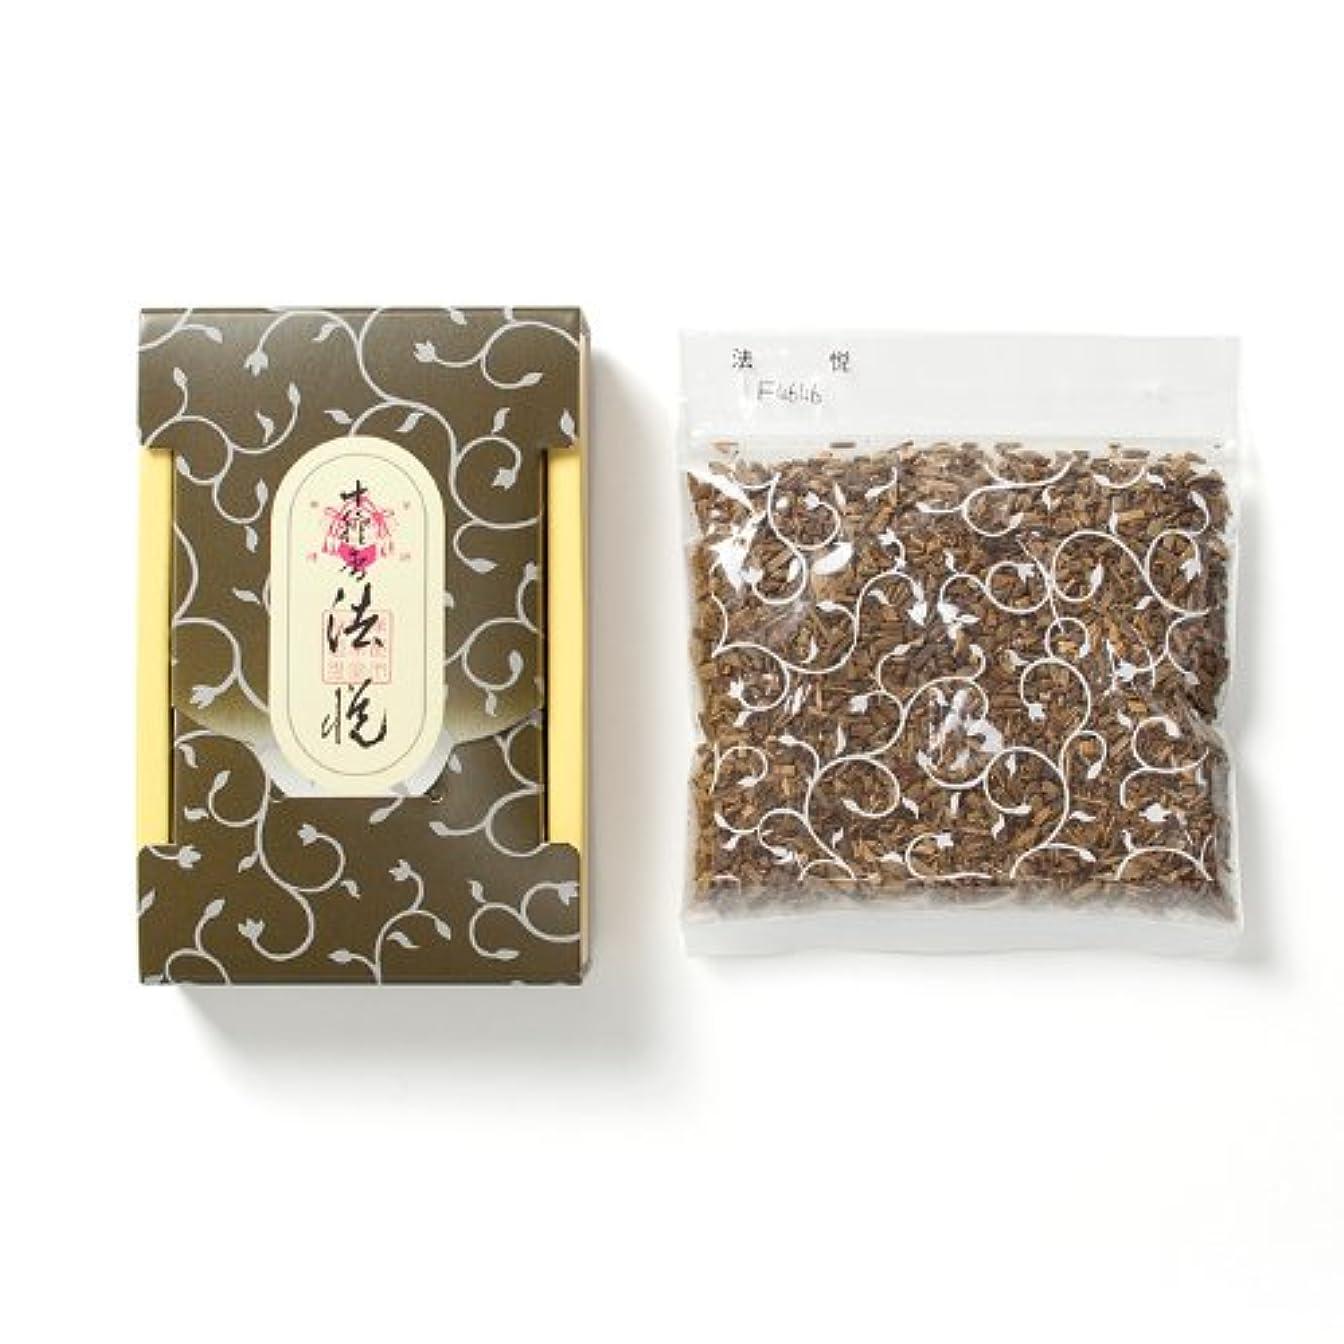 ピッチャー採用する皮松栄堂のお焼香 十種香 法悦 25g詰 小箱入 #411041